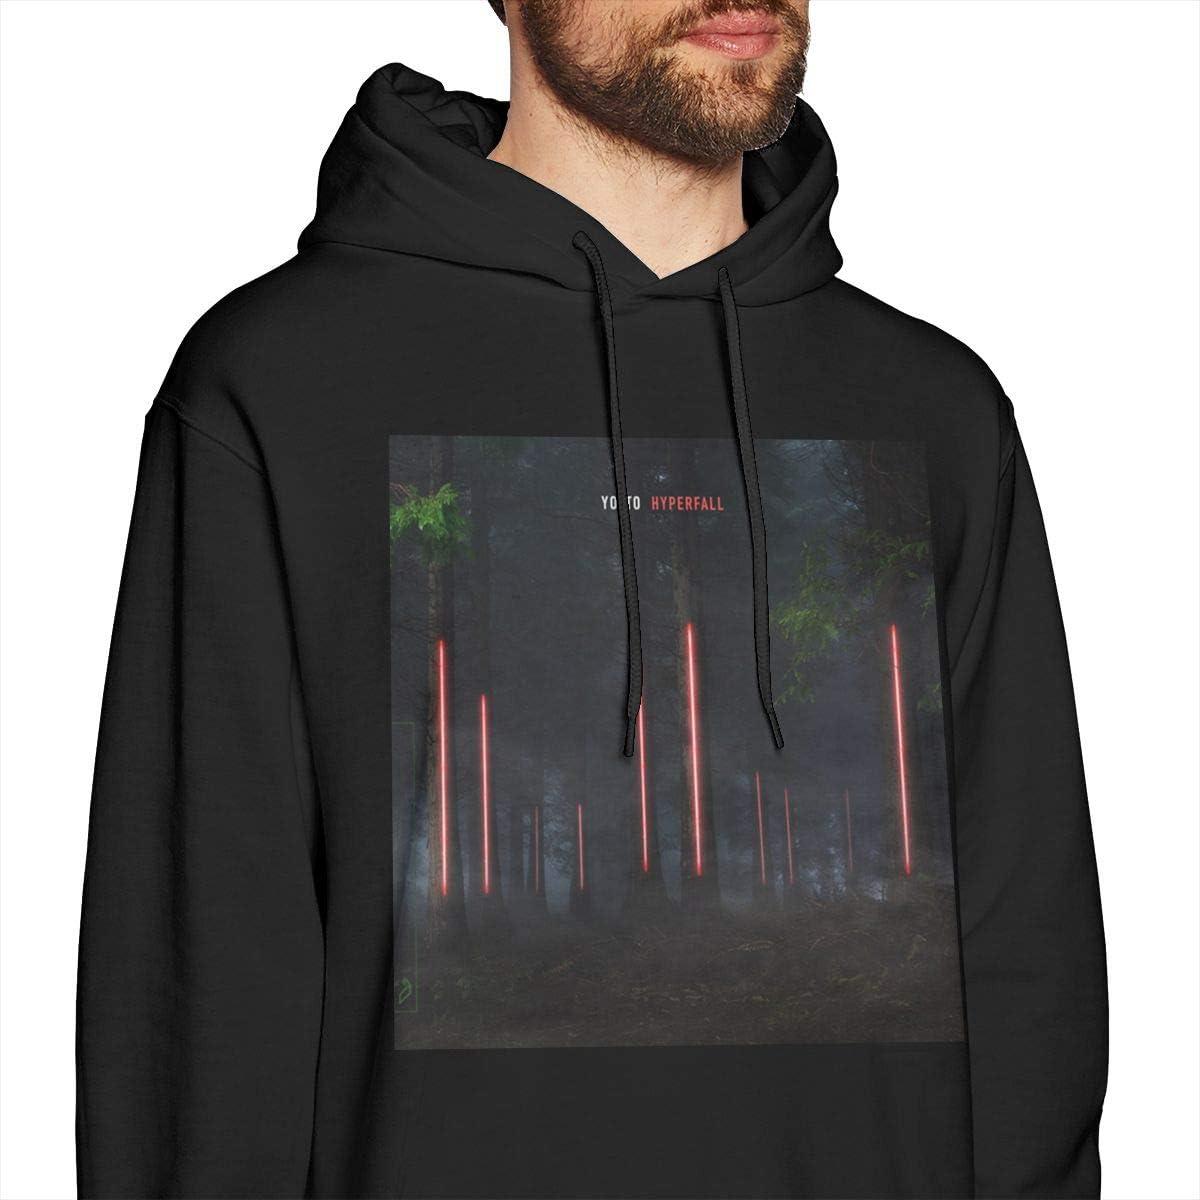 Mens Hoodie Sweatshirt Yo T to Sweater Black